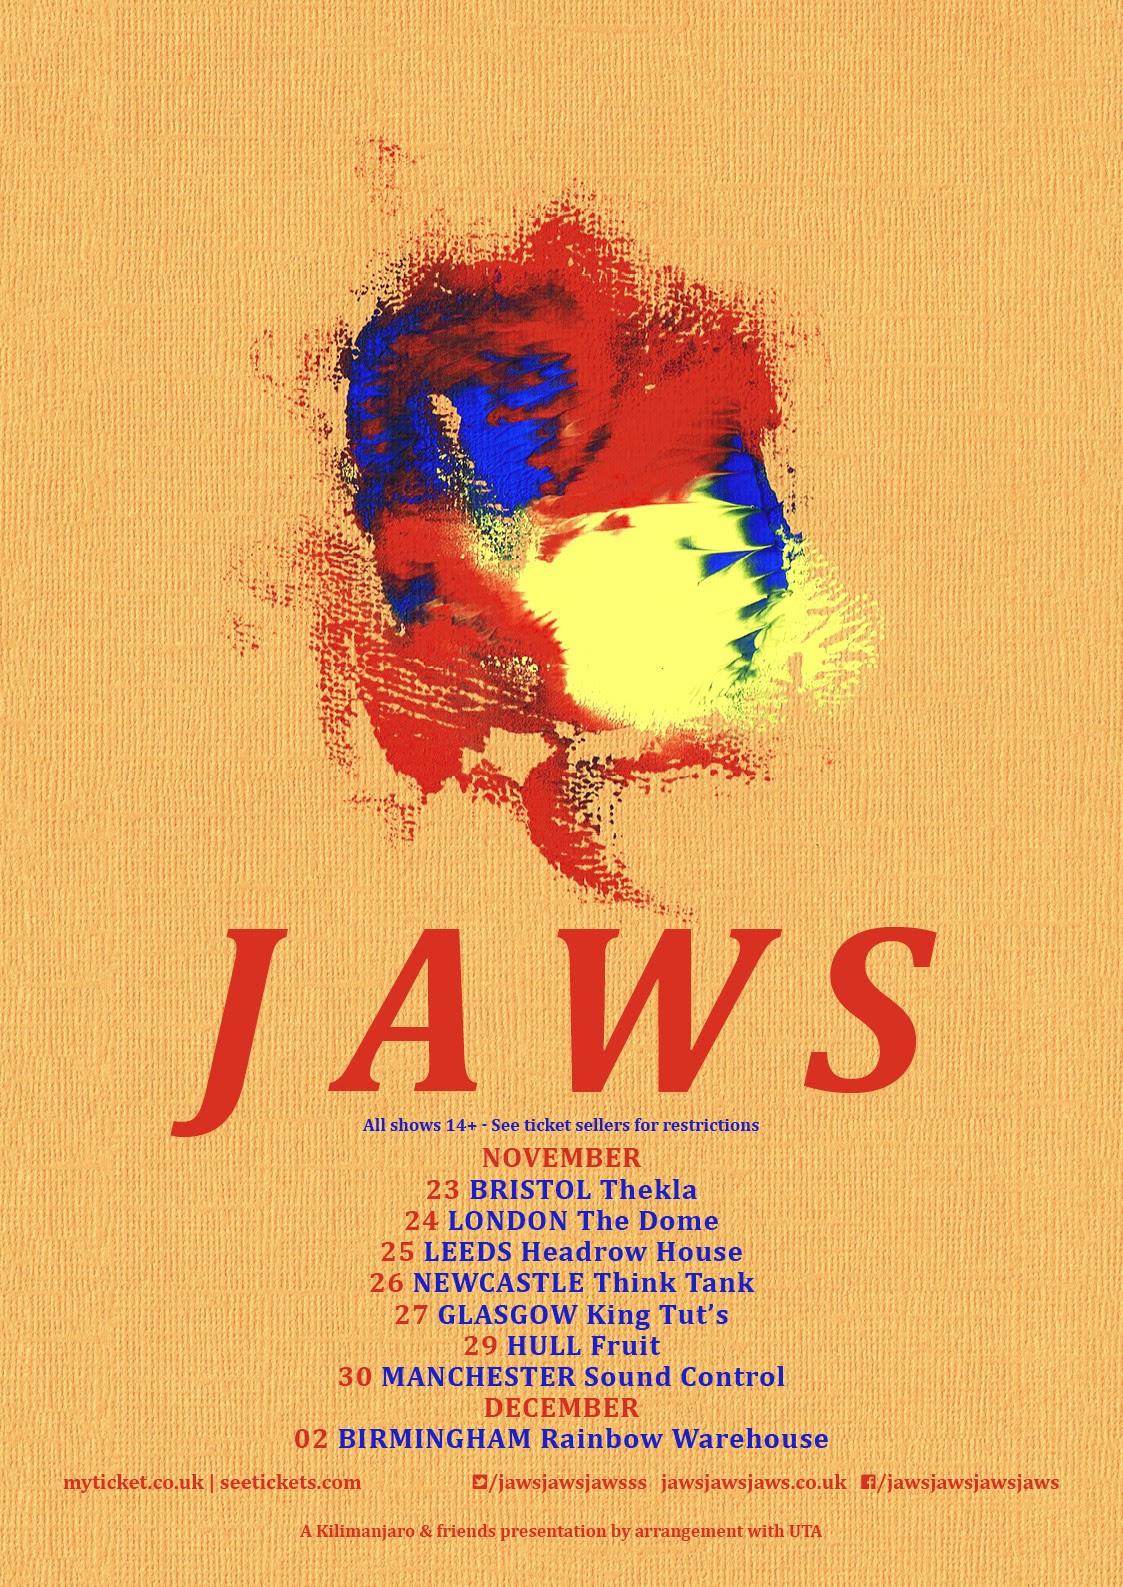 JAWS tour